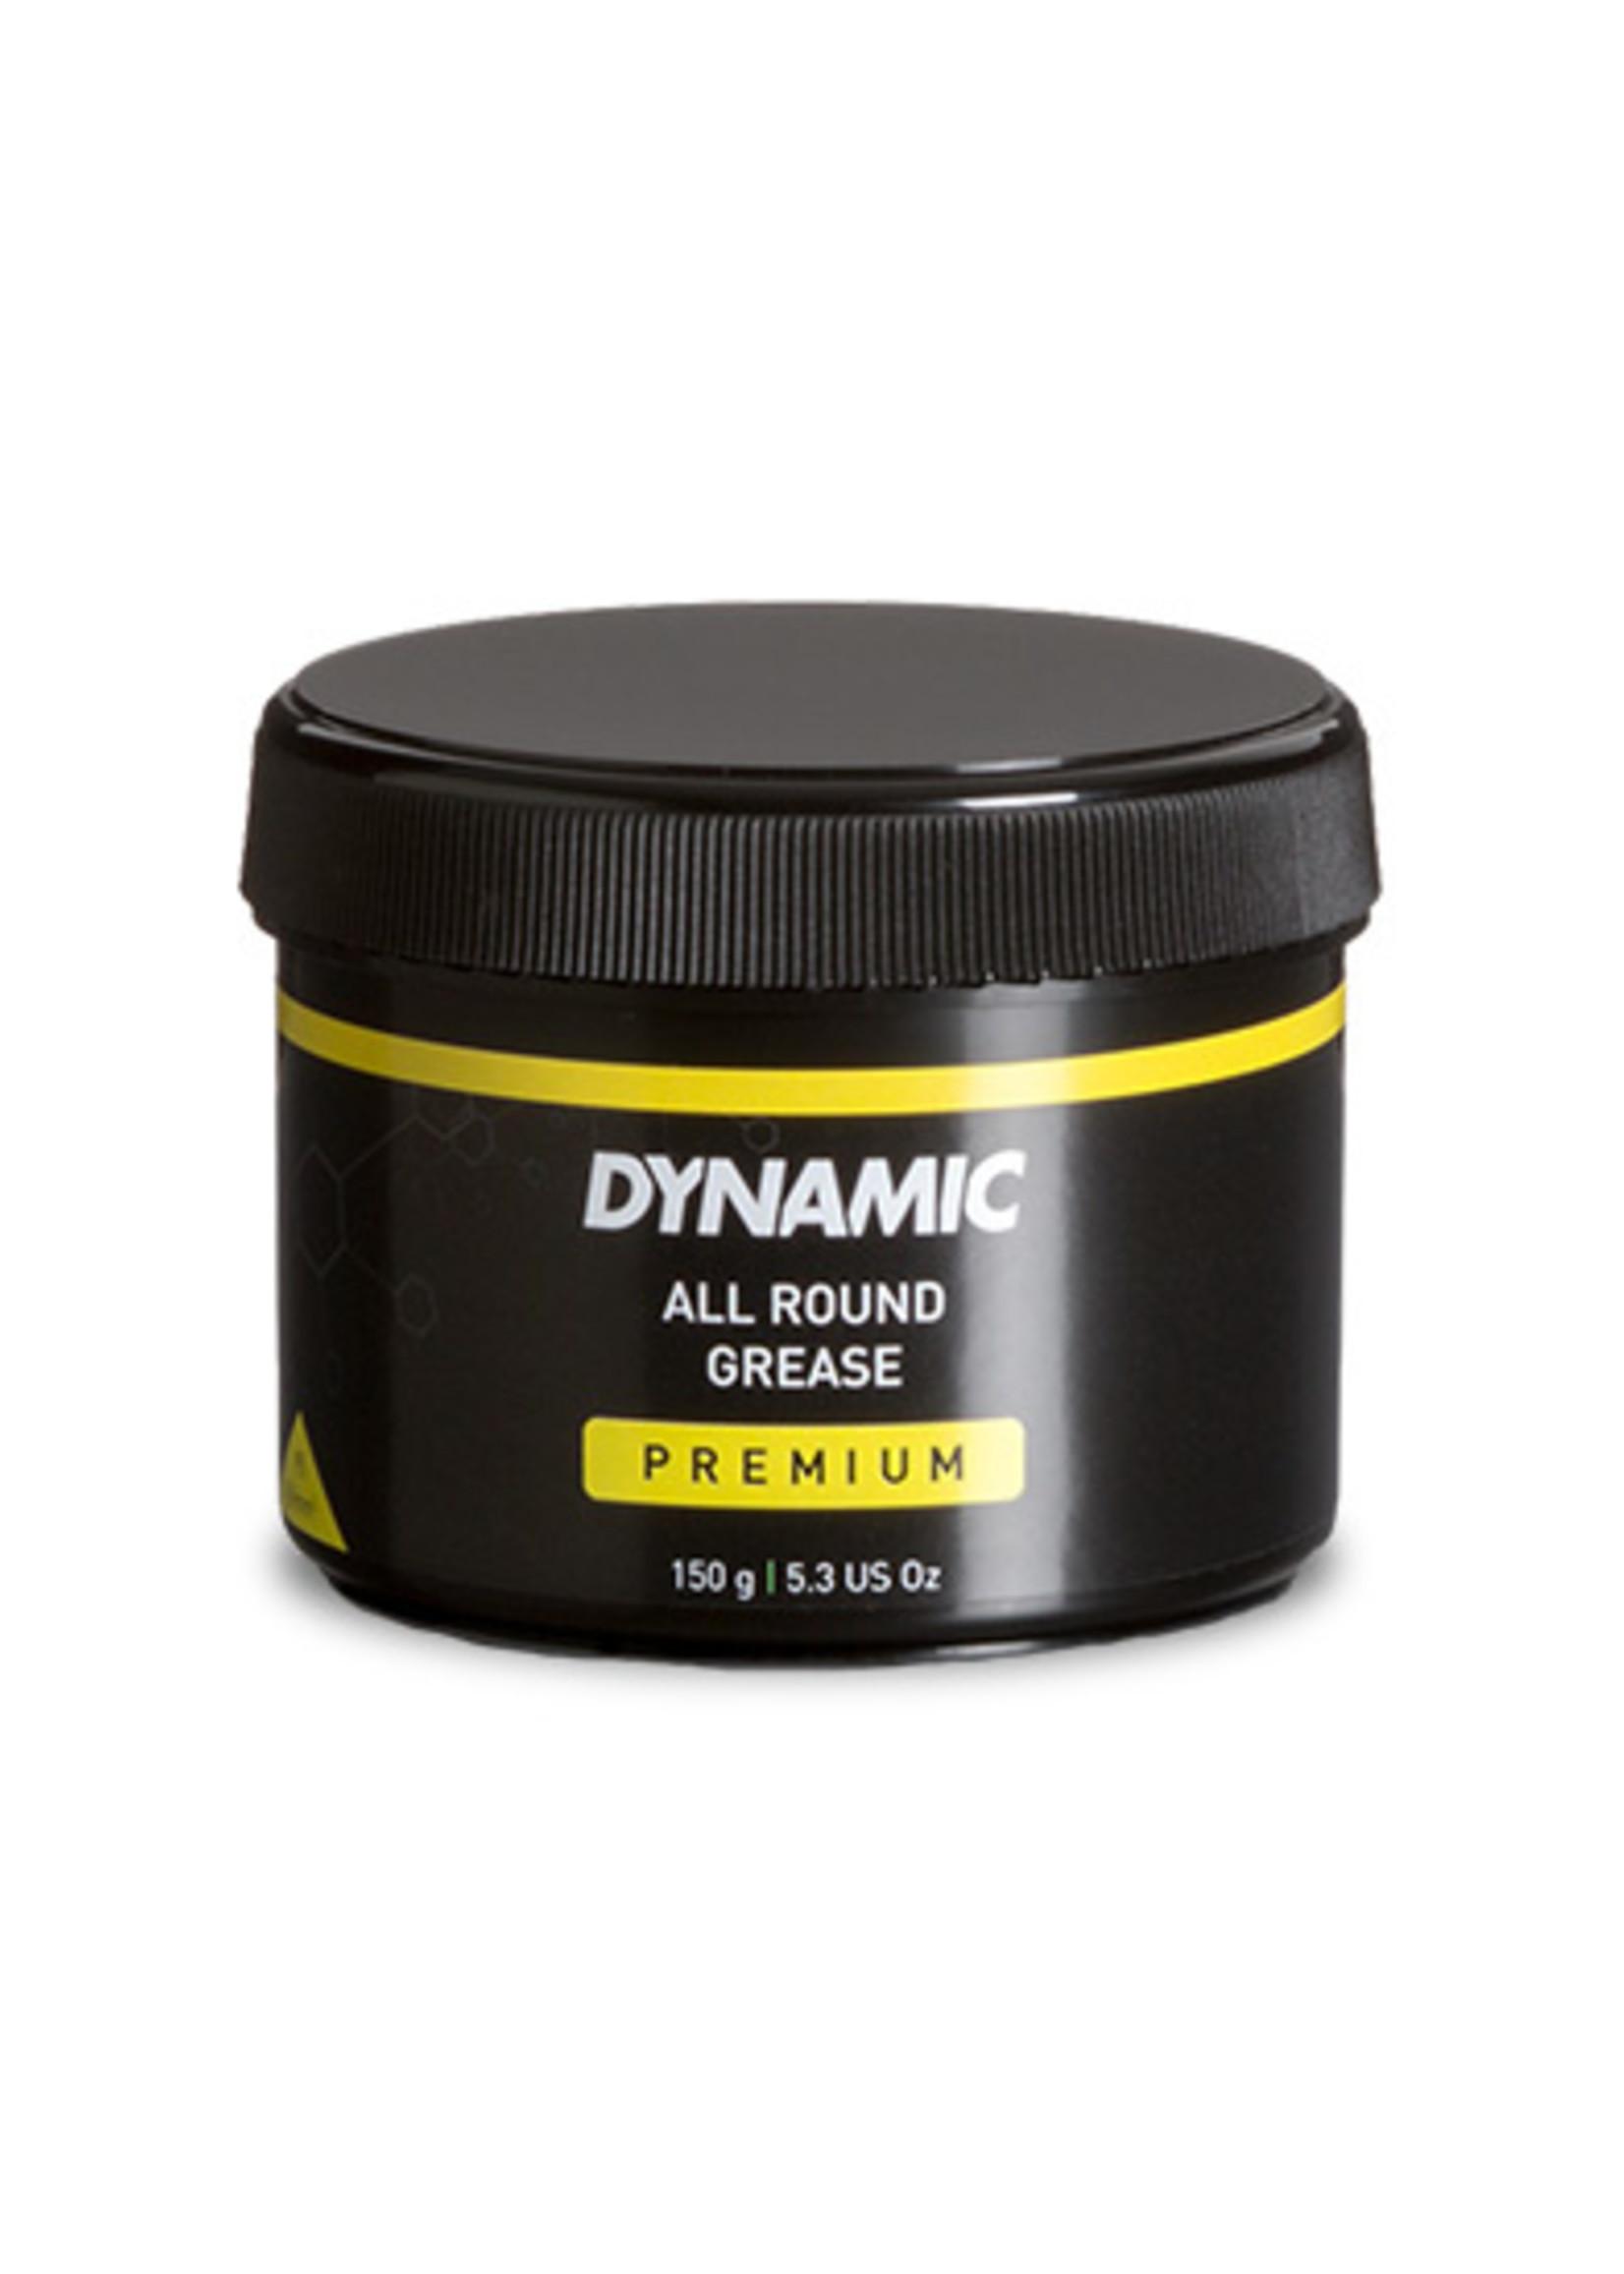 All Round Grease Premium 150 gr Jar